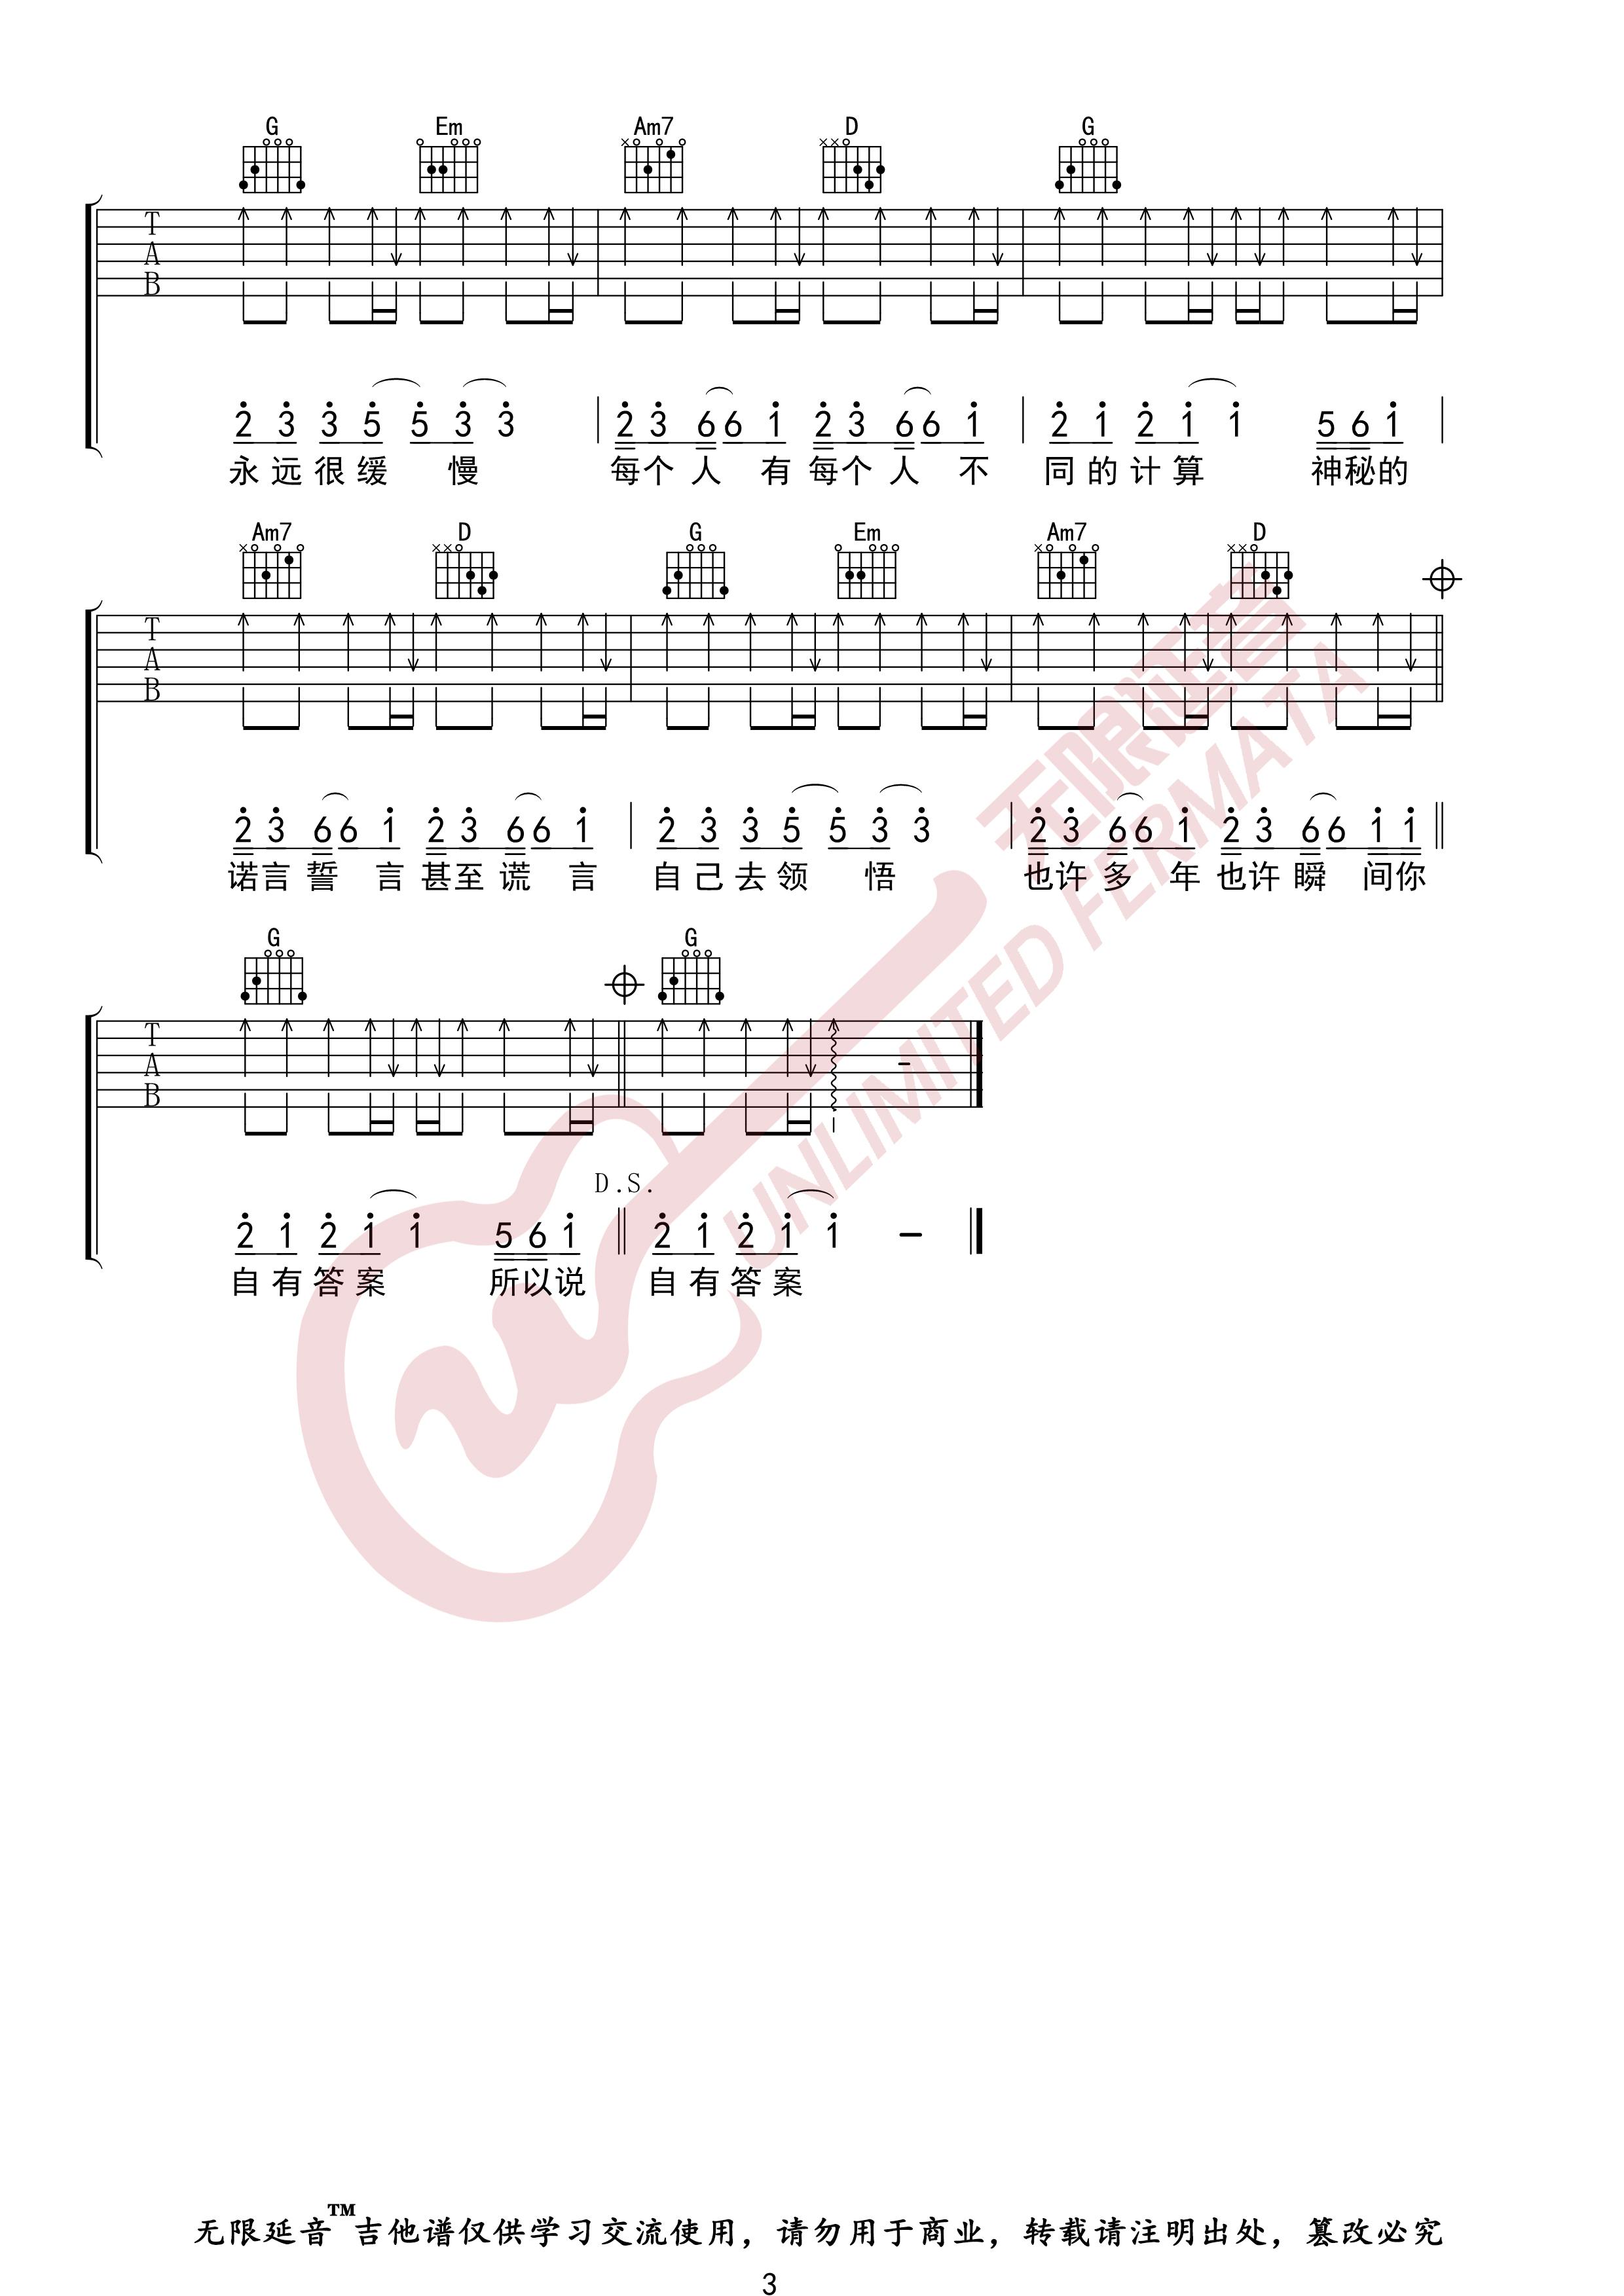 答案(无限延音编配)吉他谱(图片谱,答案,吉他谱,无限延音编配)_杨坤_答案03.jpg